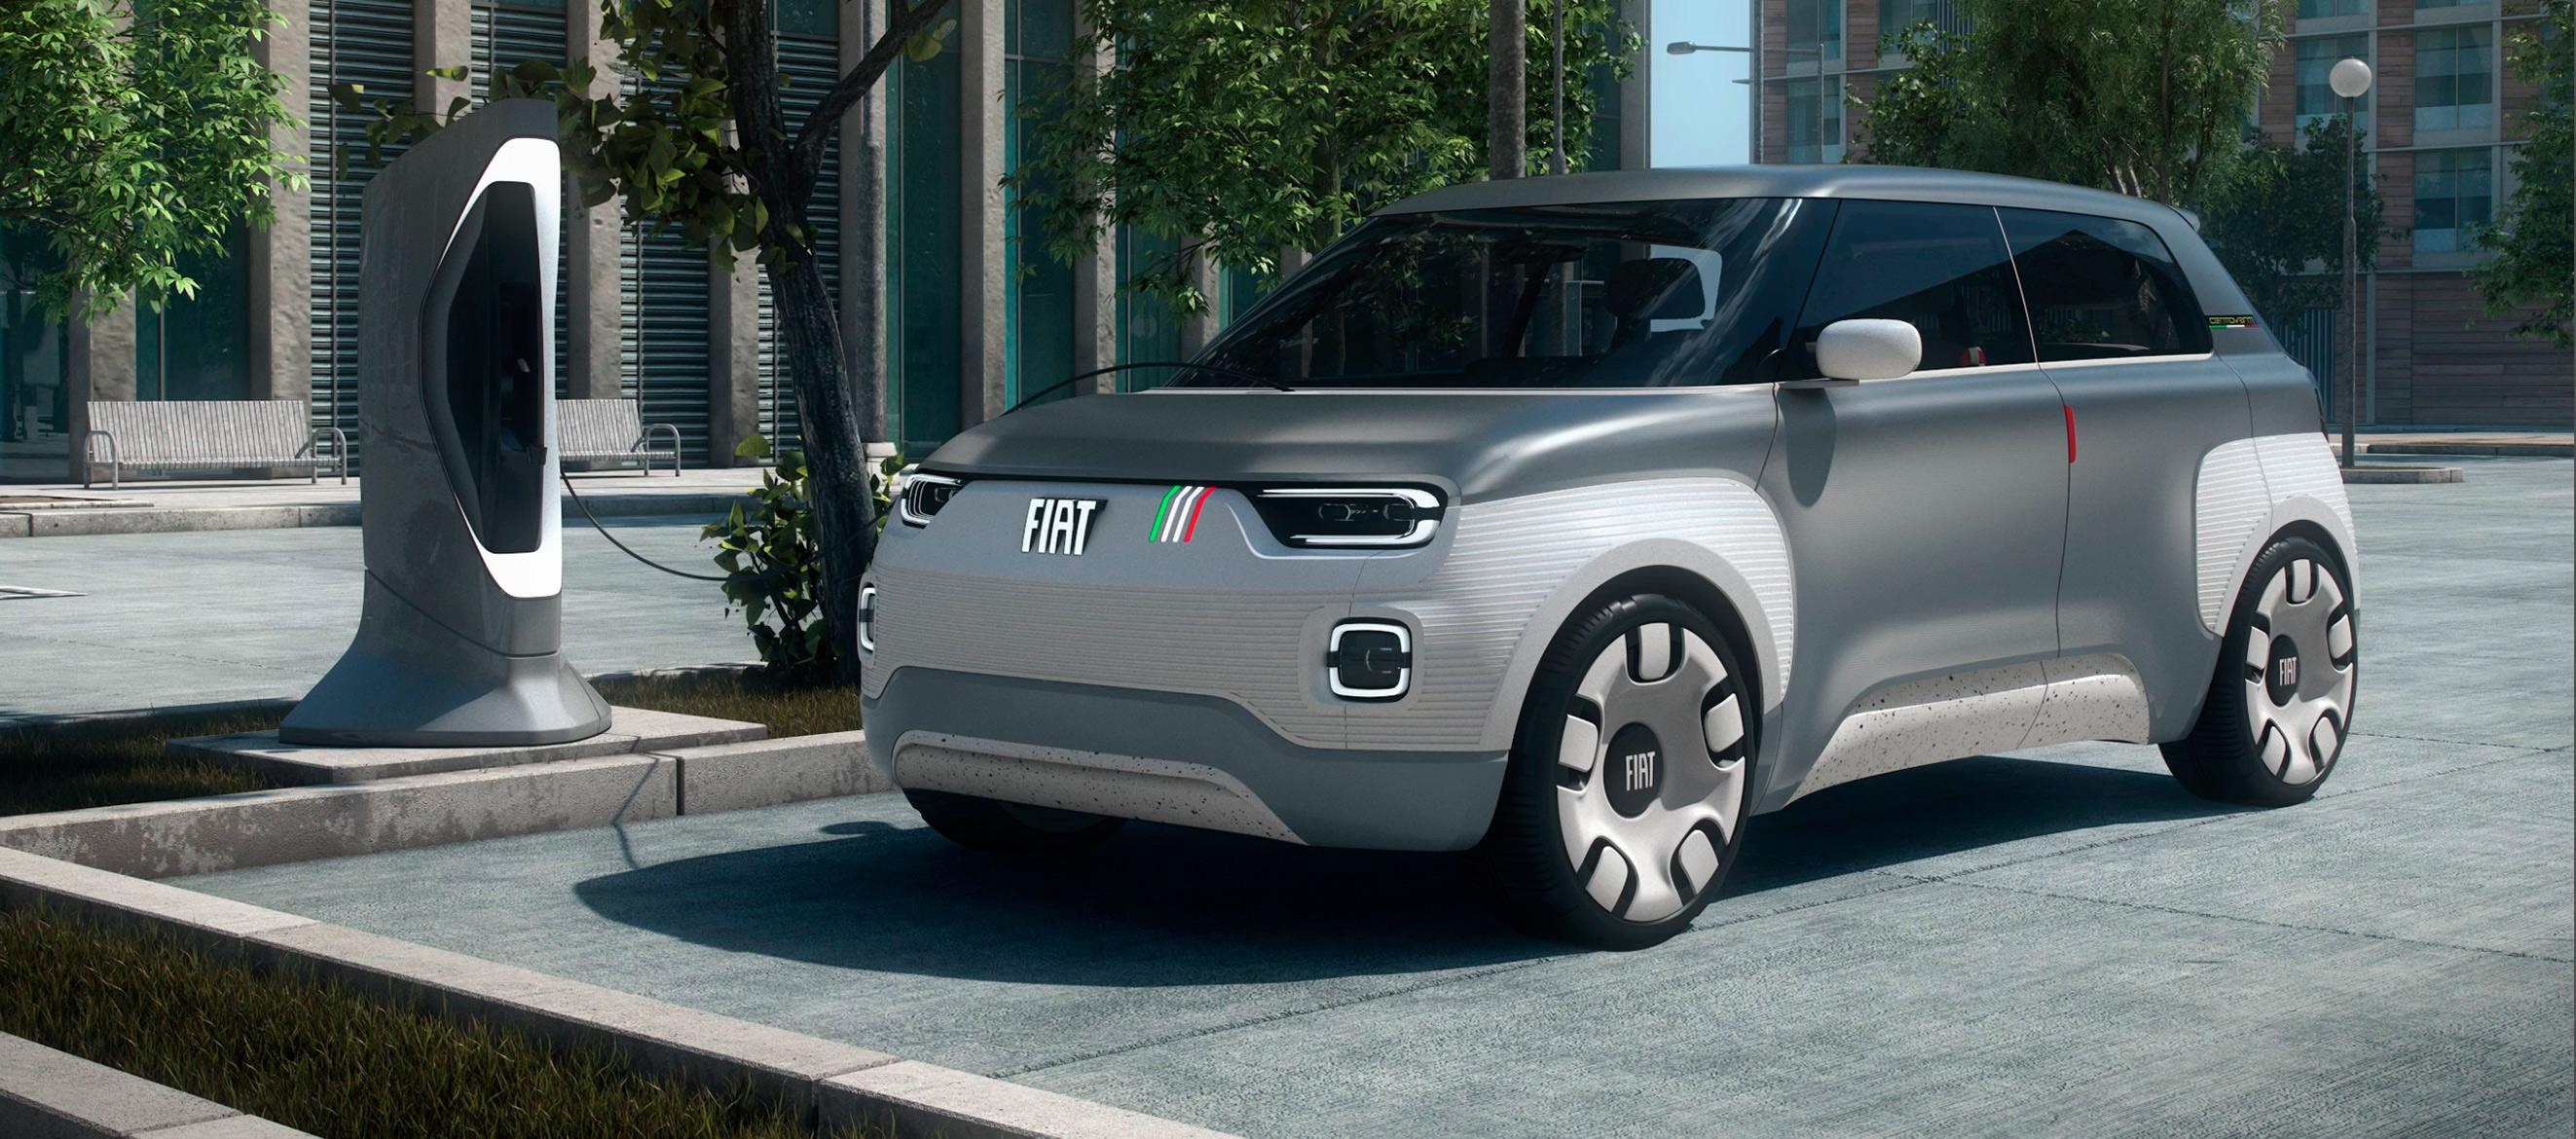 FIAT Centoveni el Concept car eléctrico urbano